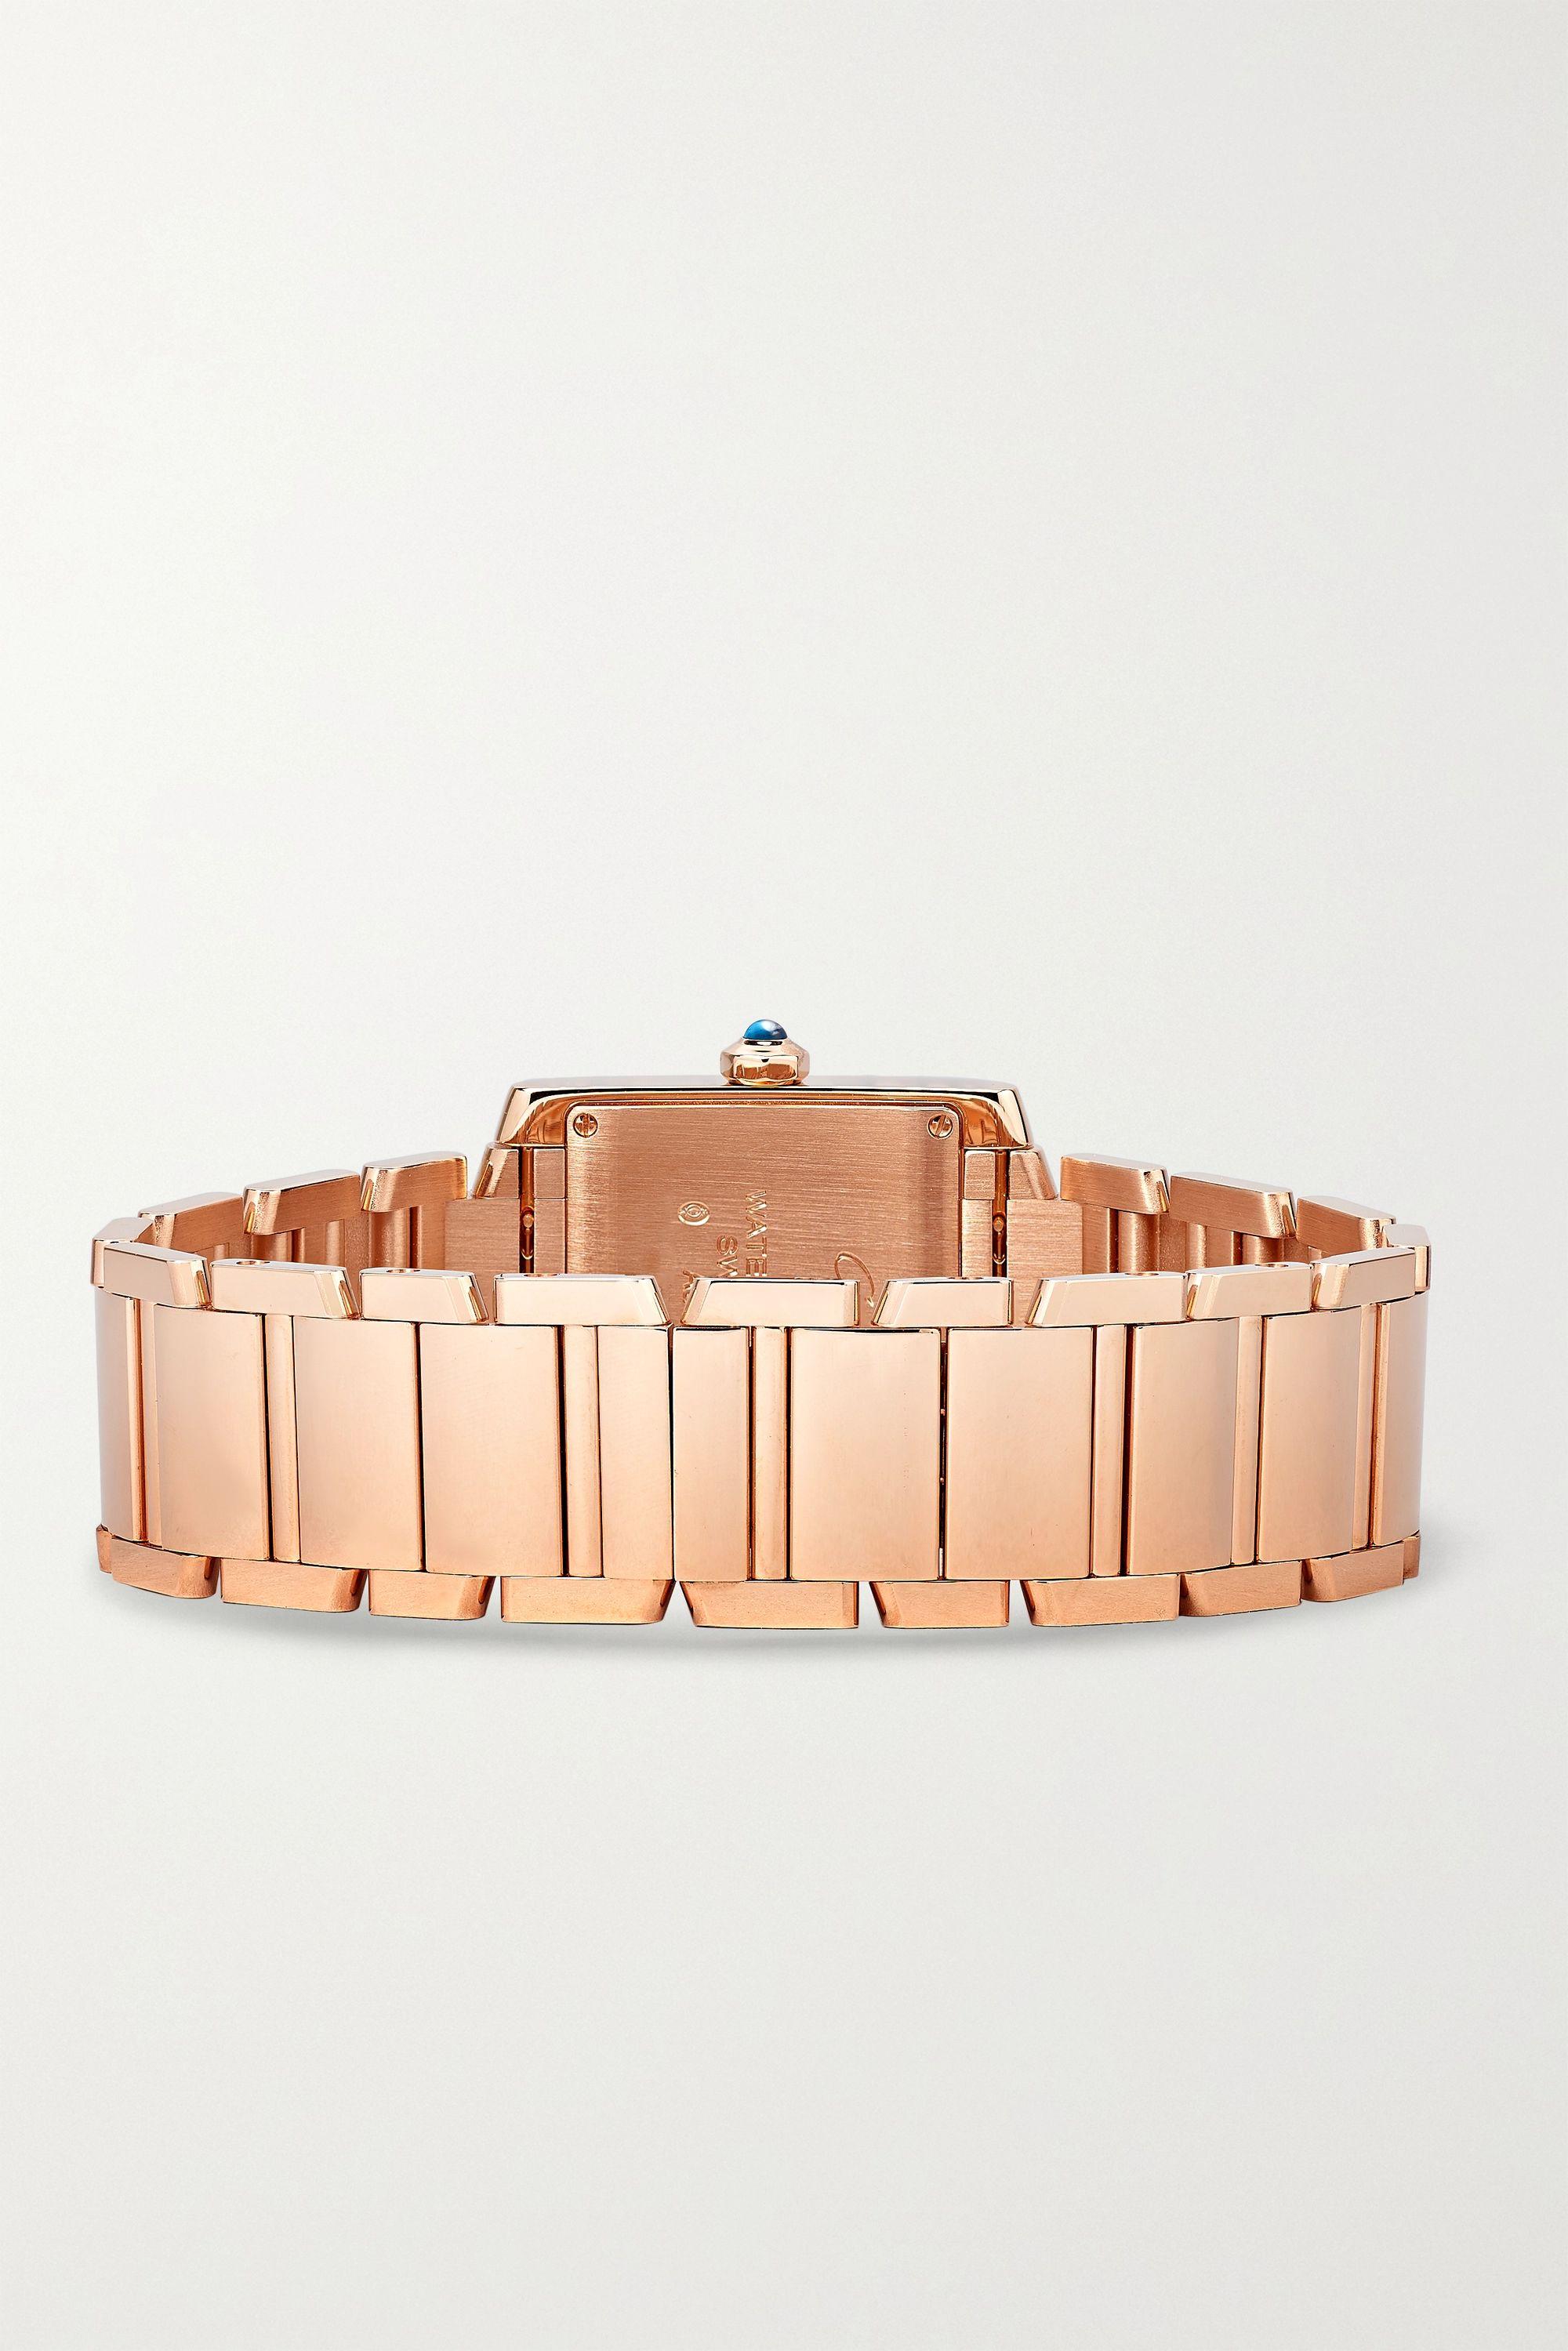 Cartier Tank Française 25mm medium 18-karat rose gold watch